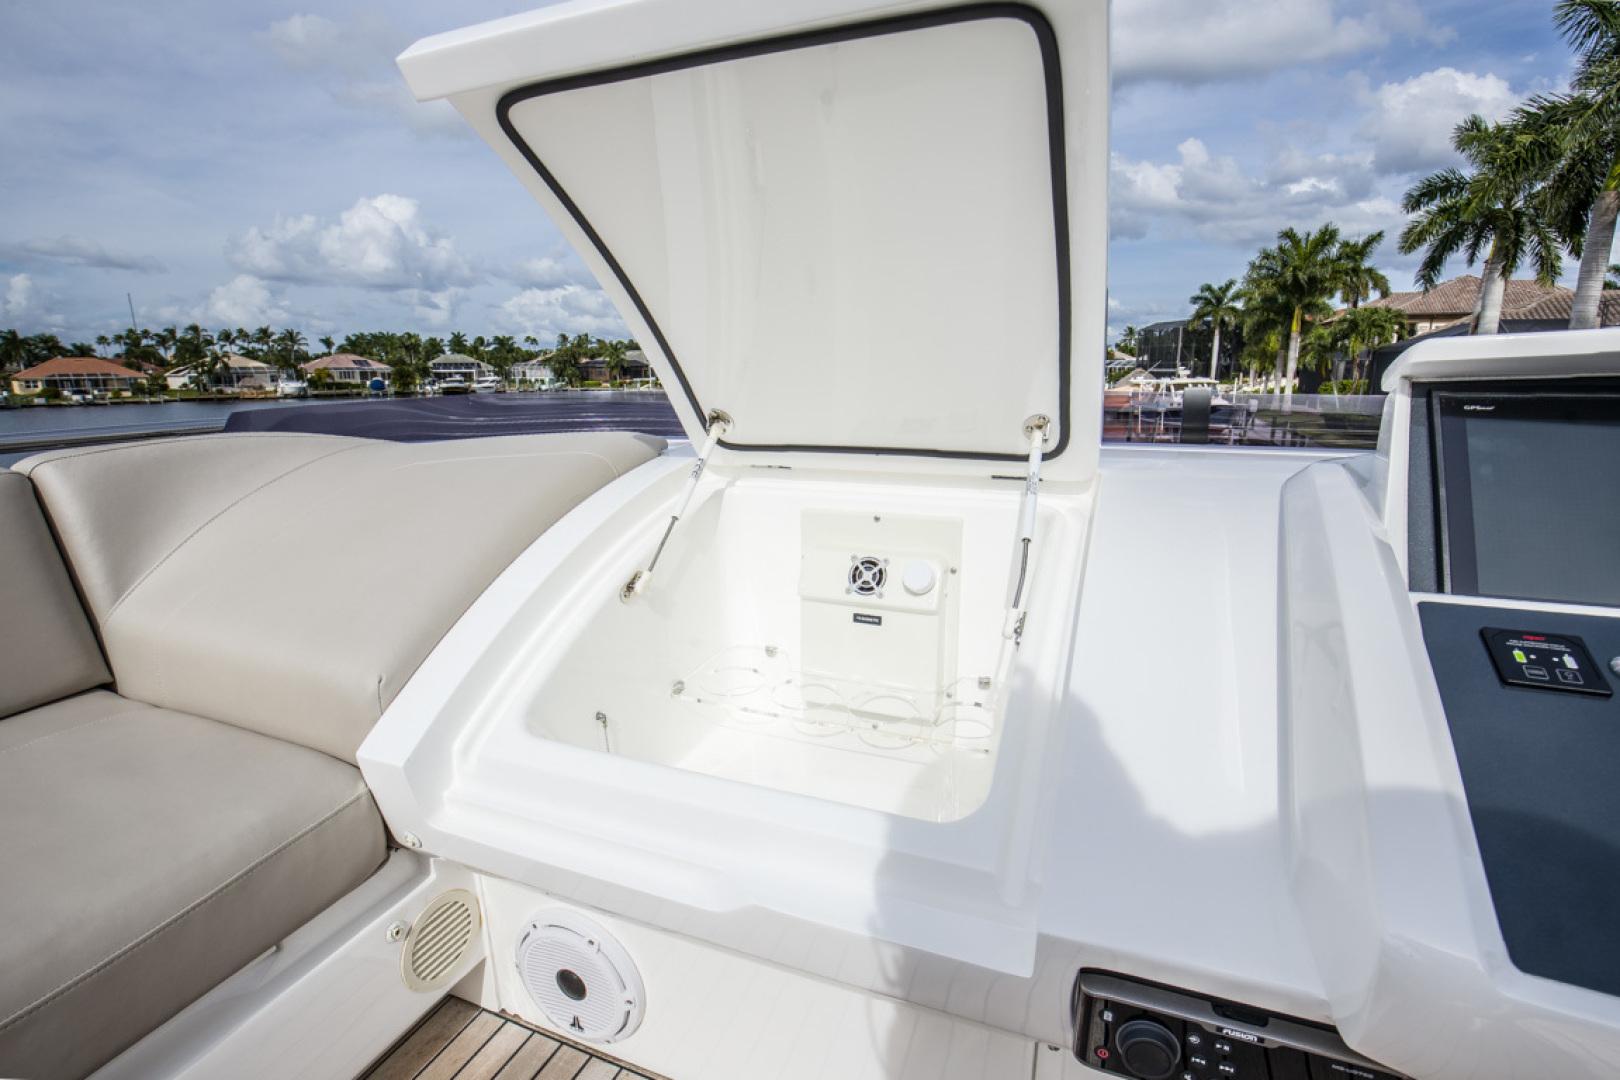 Princess-S65 2019-Paragon Cape Coral-Florida-United States-2019 65 Princess S65-Paragon-Drink Cool Box-1510310 | Thumbnail